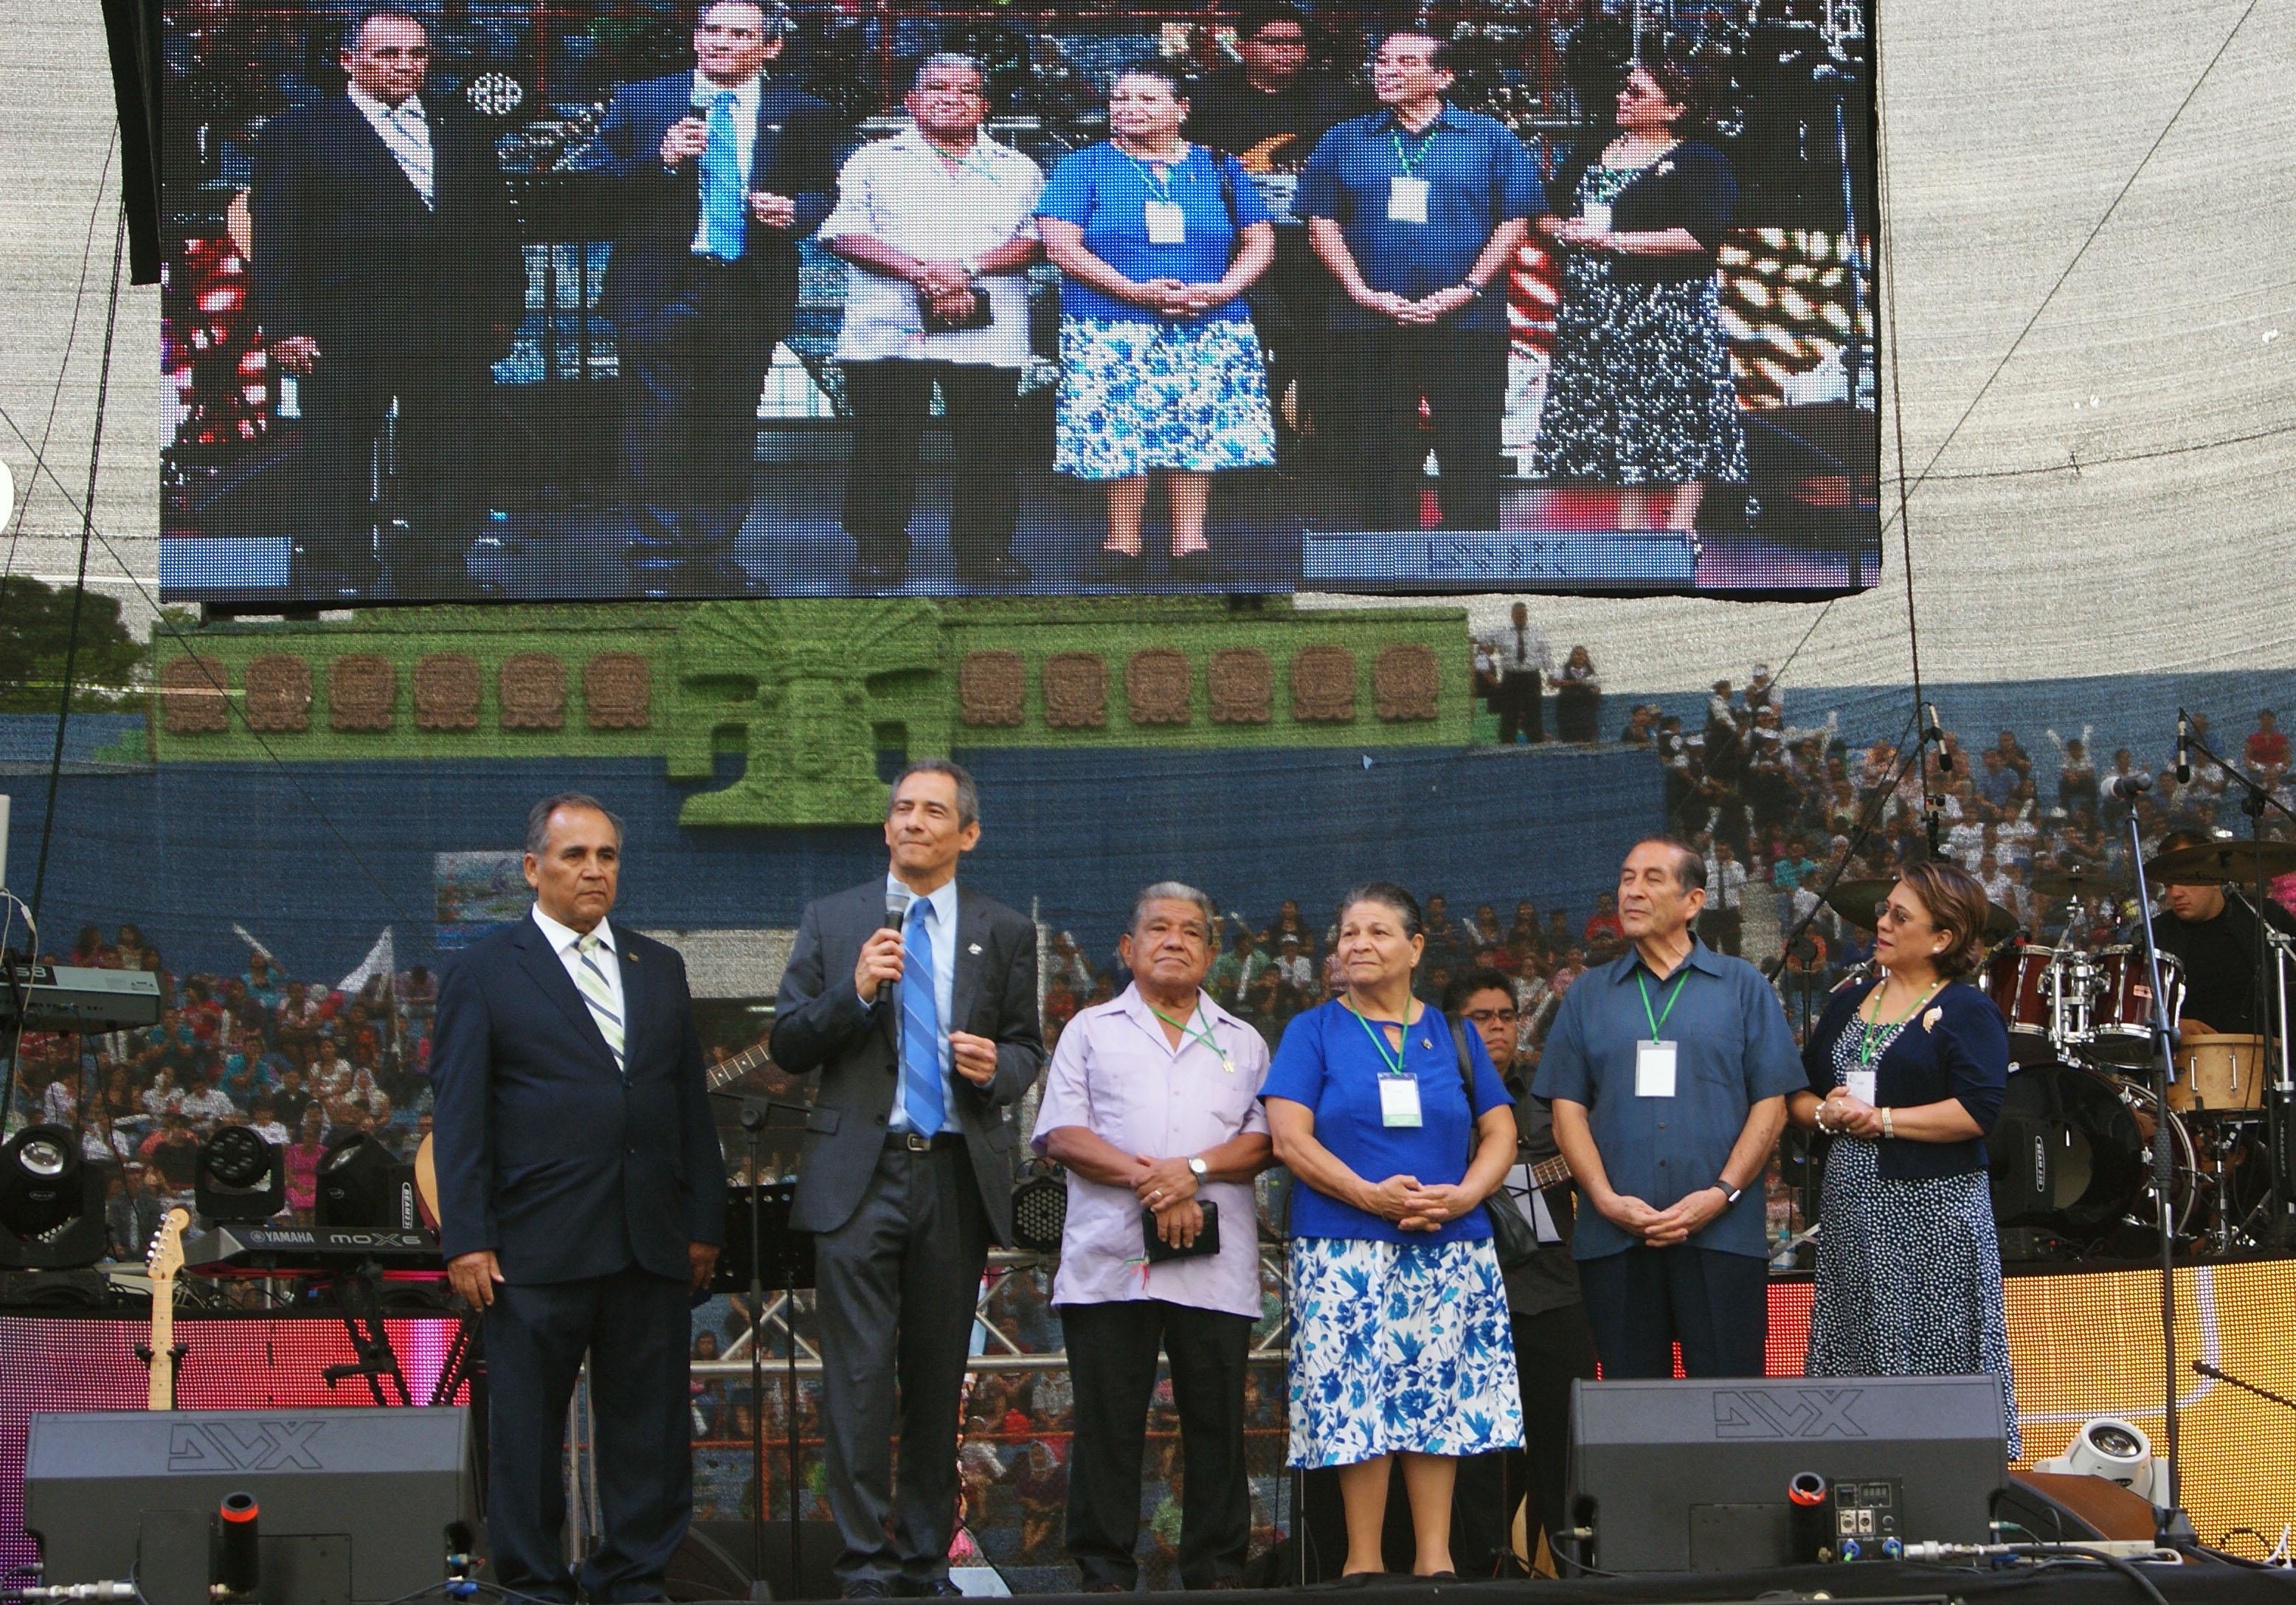 De izquierda a derecha: Luis Mejía, pastor Mario Vega, Eugenio Bizcarra, Carmen de Bizcarra, Carlos Ramos e Ilsa de Ramos